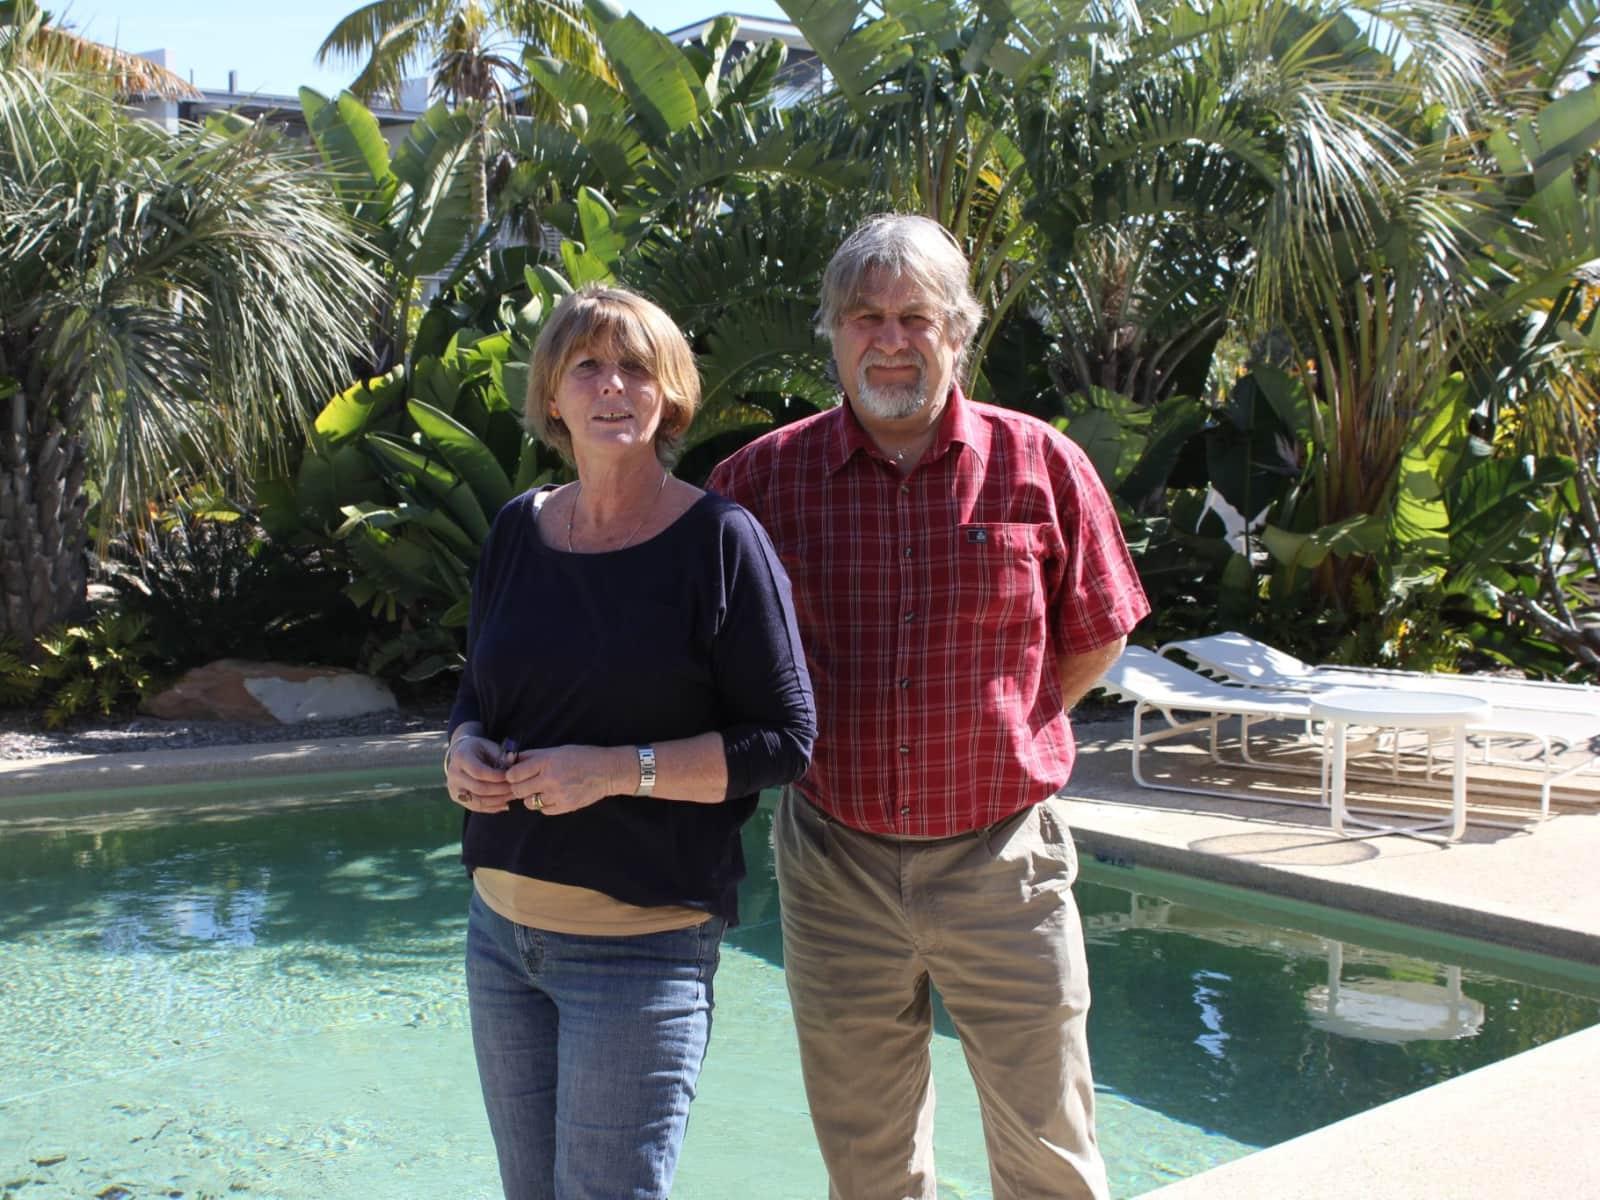 Maureen from Coolum Beach, Queensland, Australia